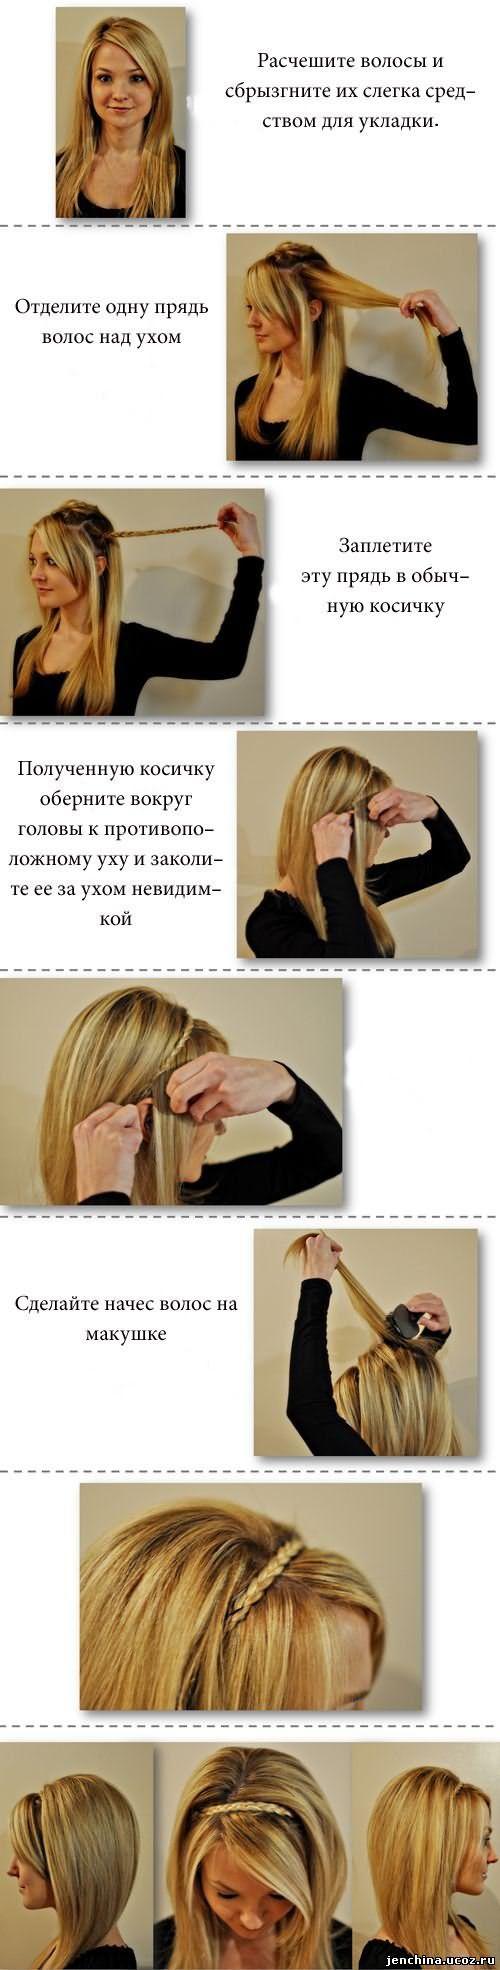 Как сделать локоны плойкой: техника завивки, пошаговые фото и причёски с манящими завитками